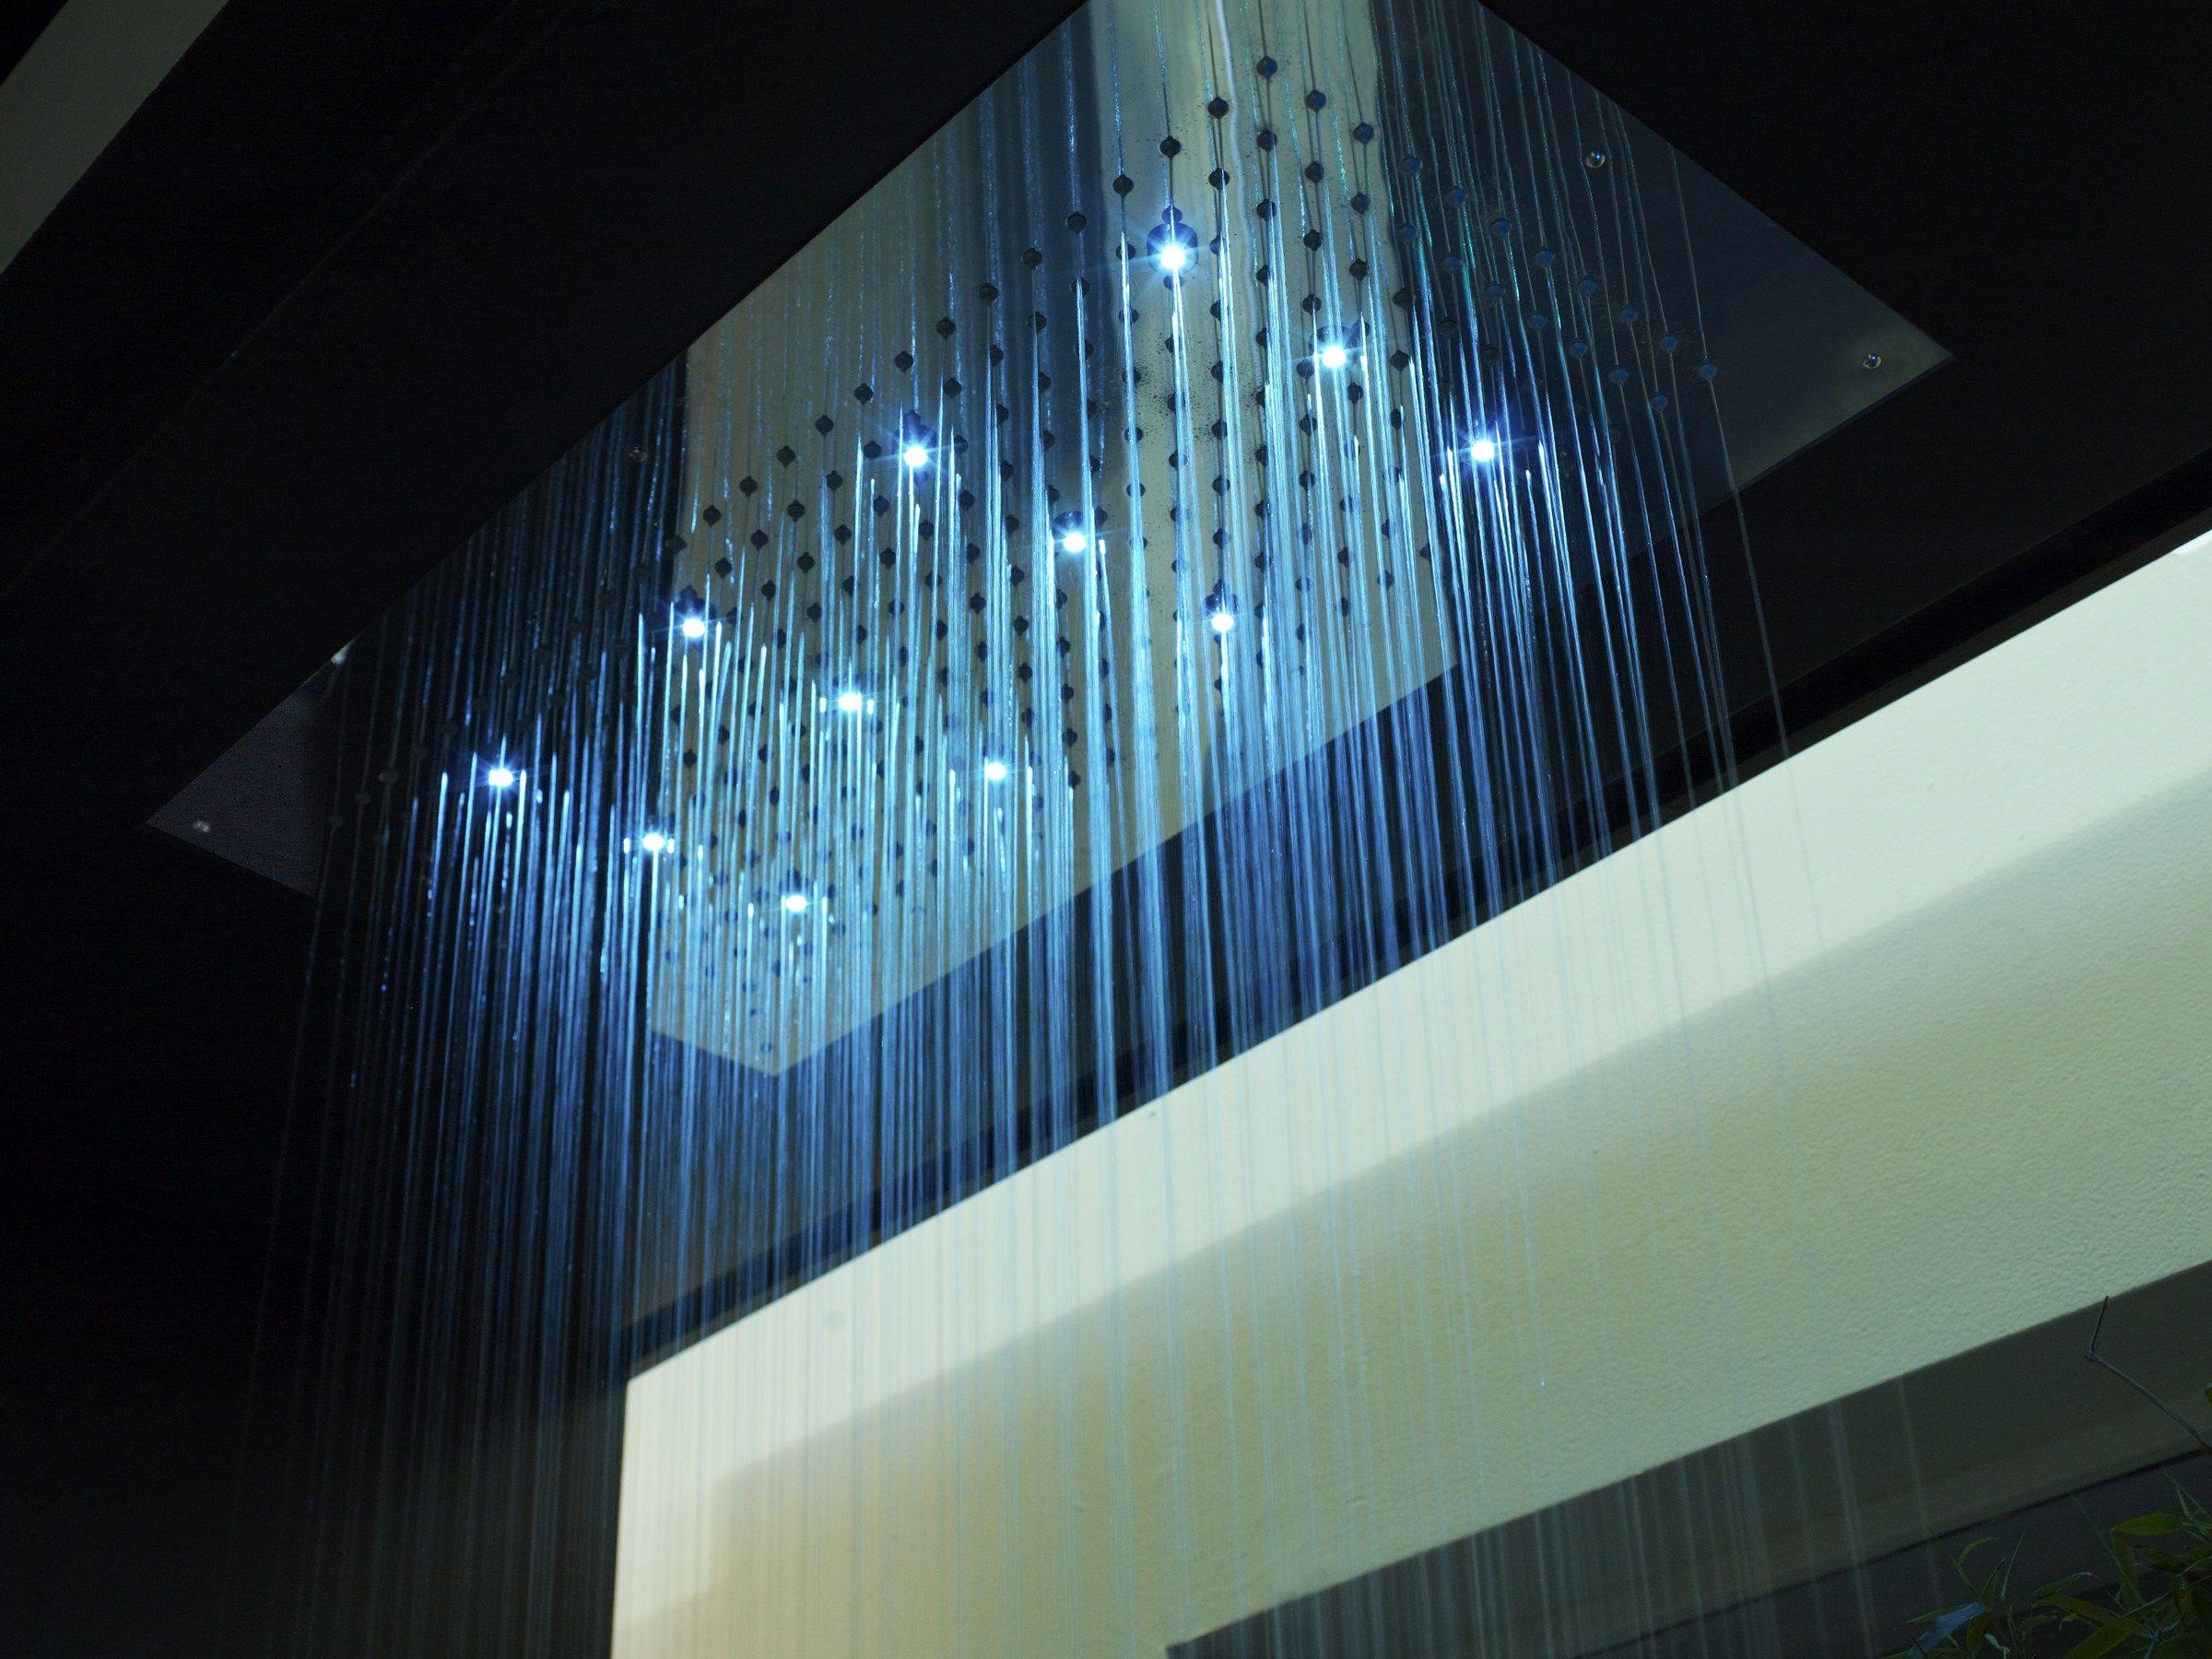 T te de douche effet pluie en laiton design pour chromoth rapie avec 1 jet - Tete de douche pluie ...